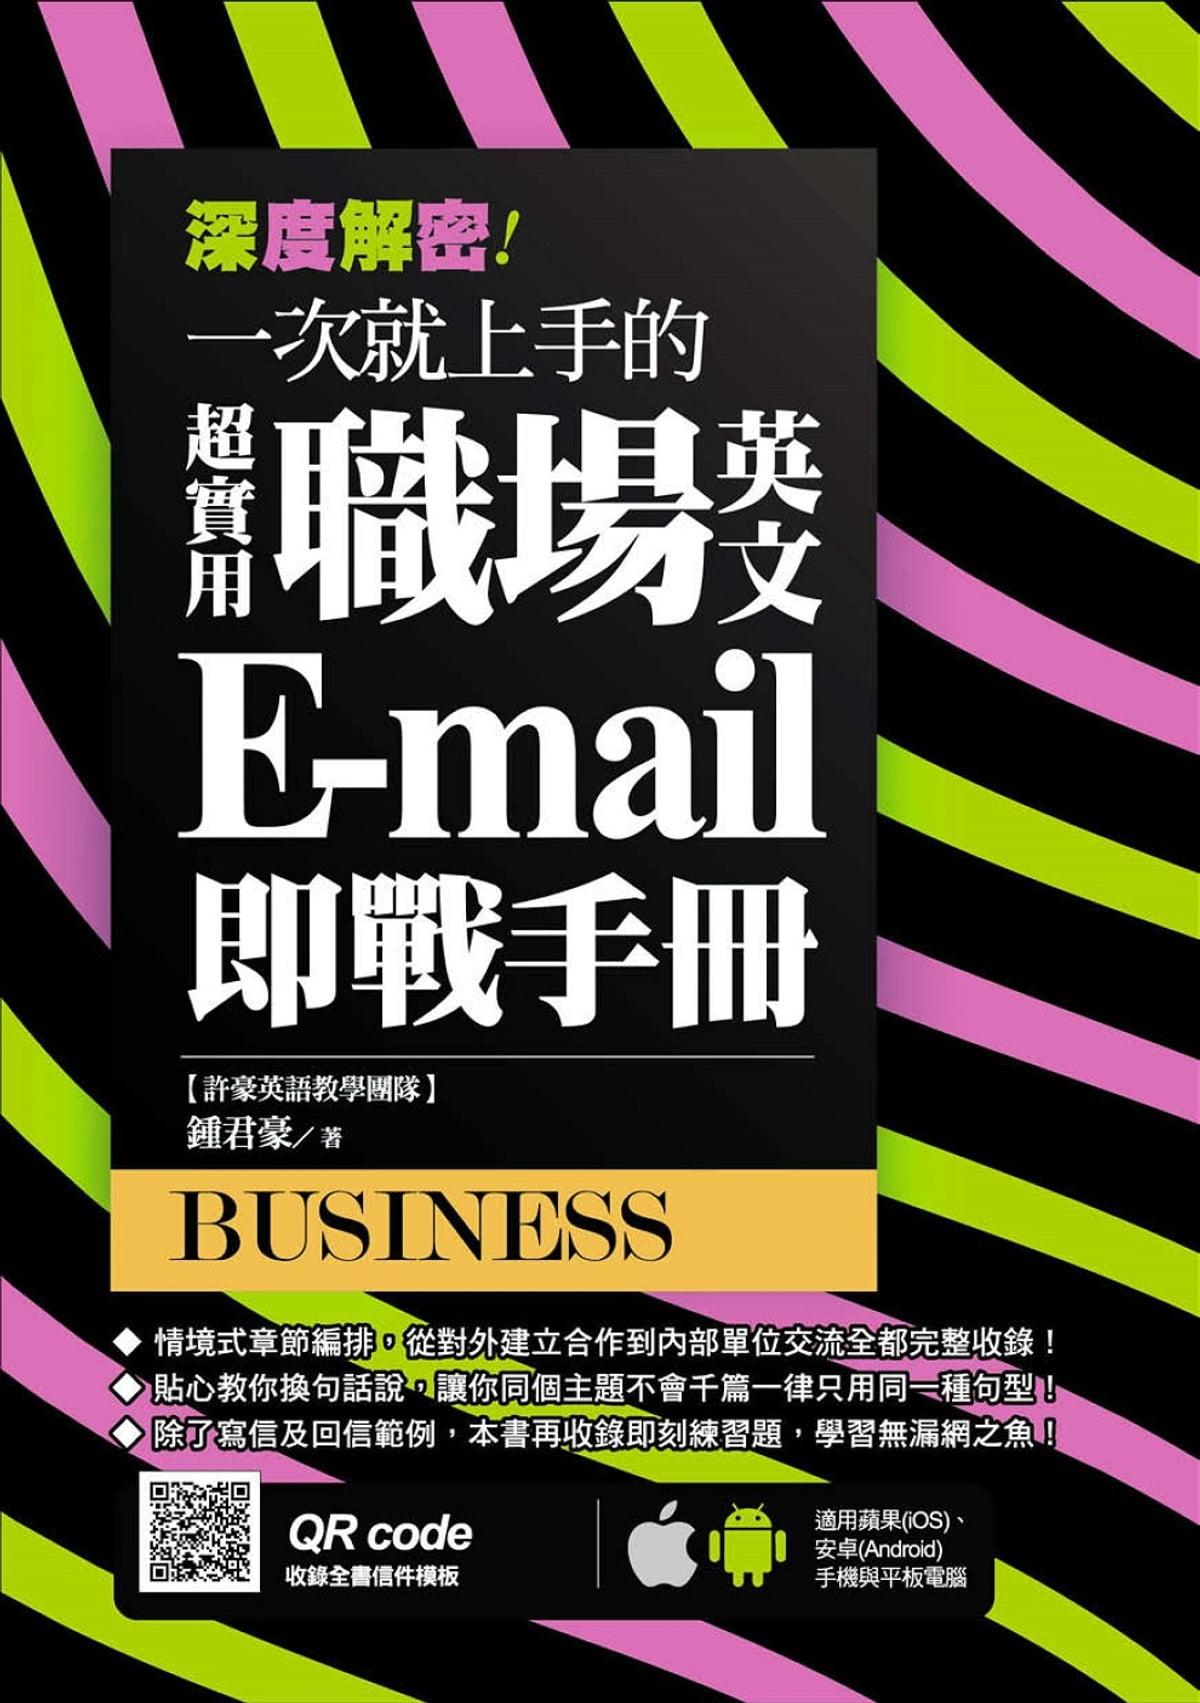 深度解密!一次就上手的超實用職場英文 E-mail 即戰手冊 電子書,分類依據 鍾君豪 - 7362578904958 | Rakuten Kobo 香港